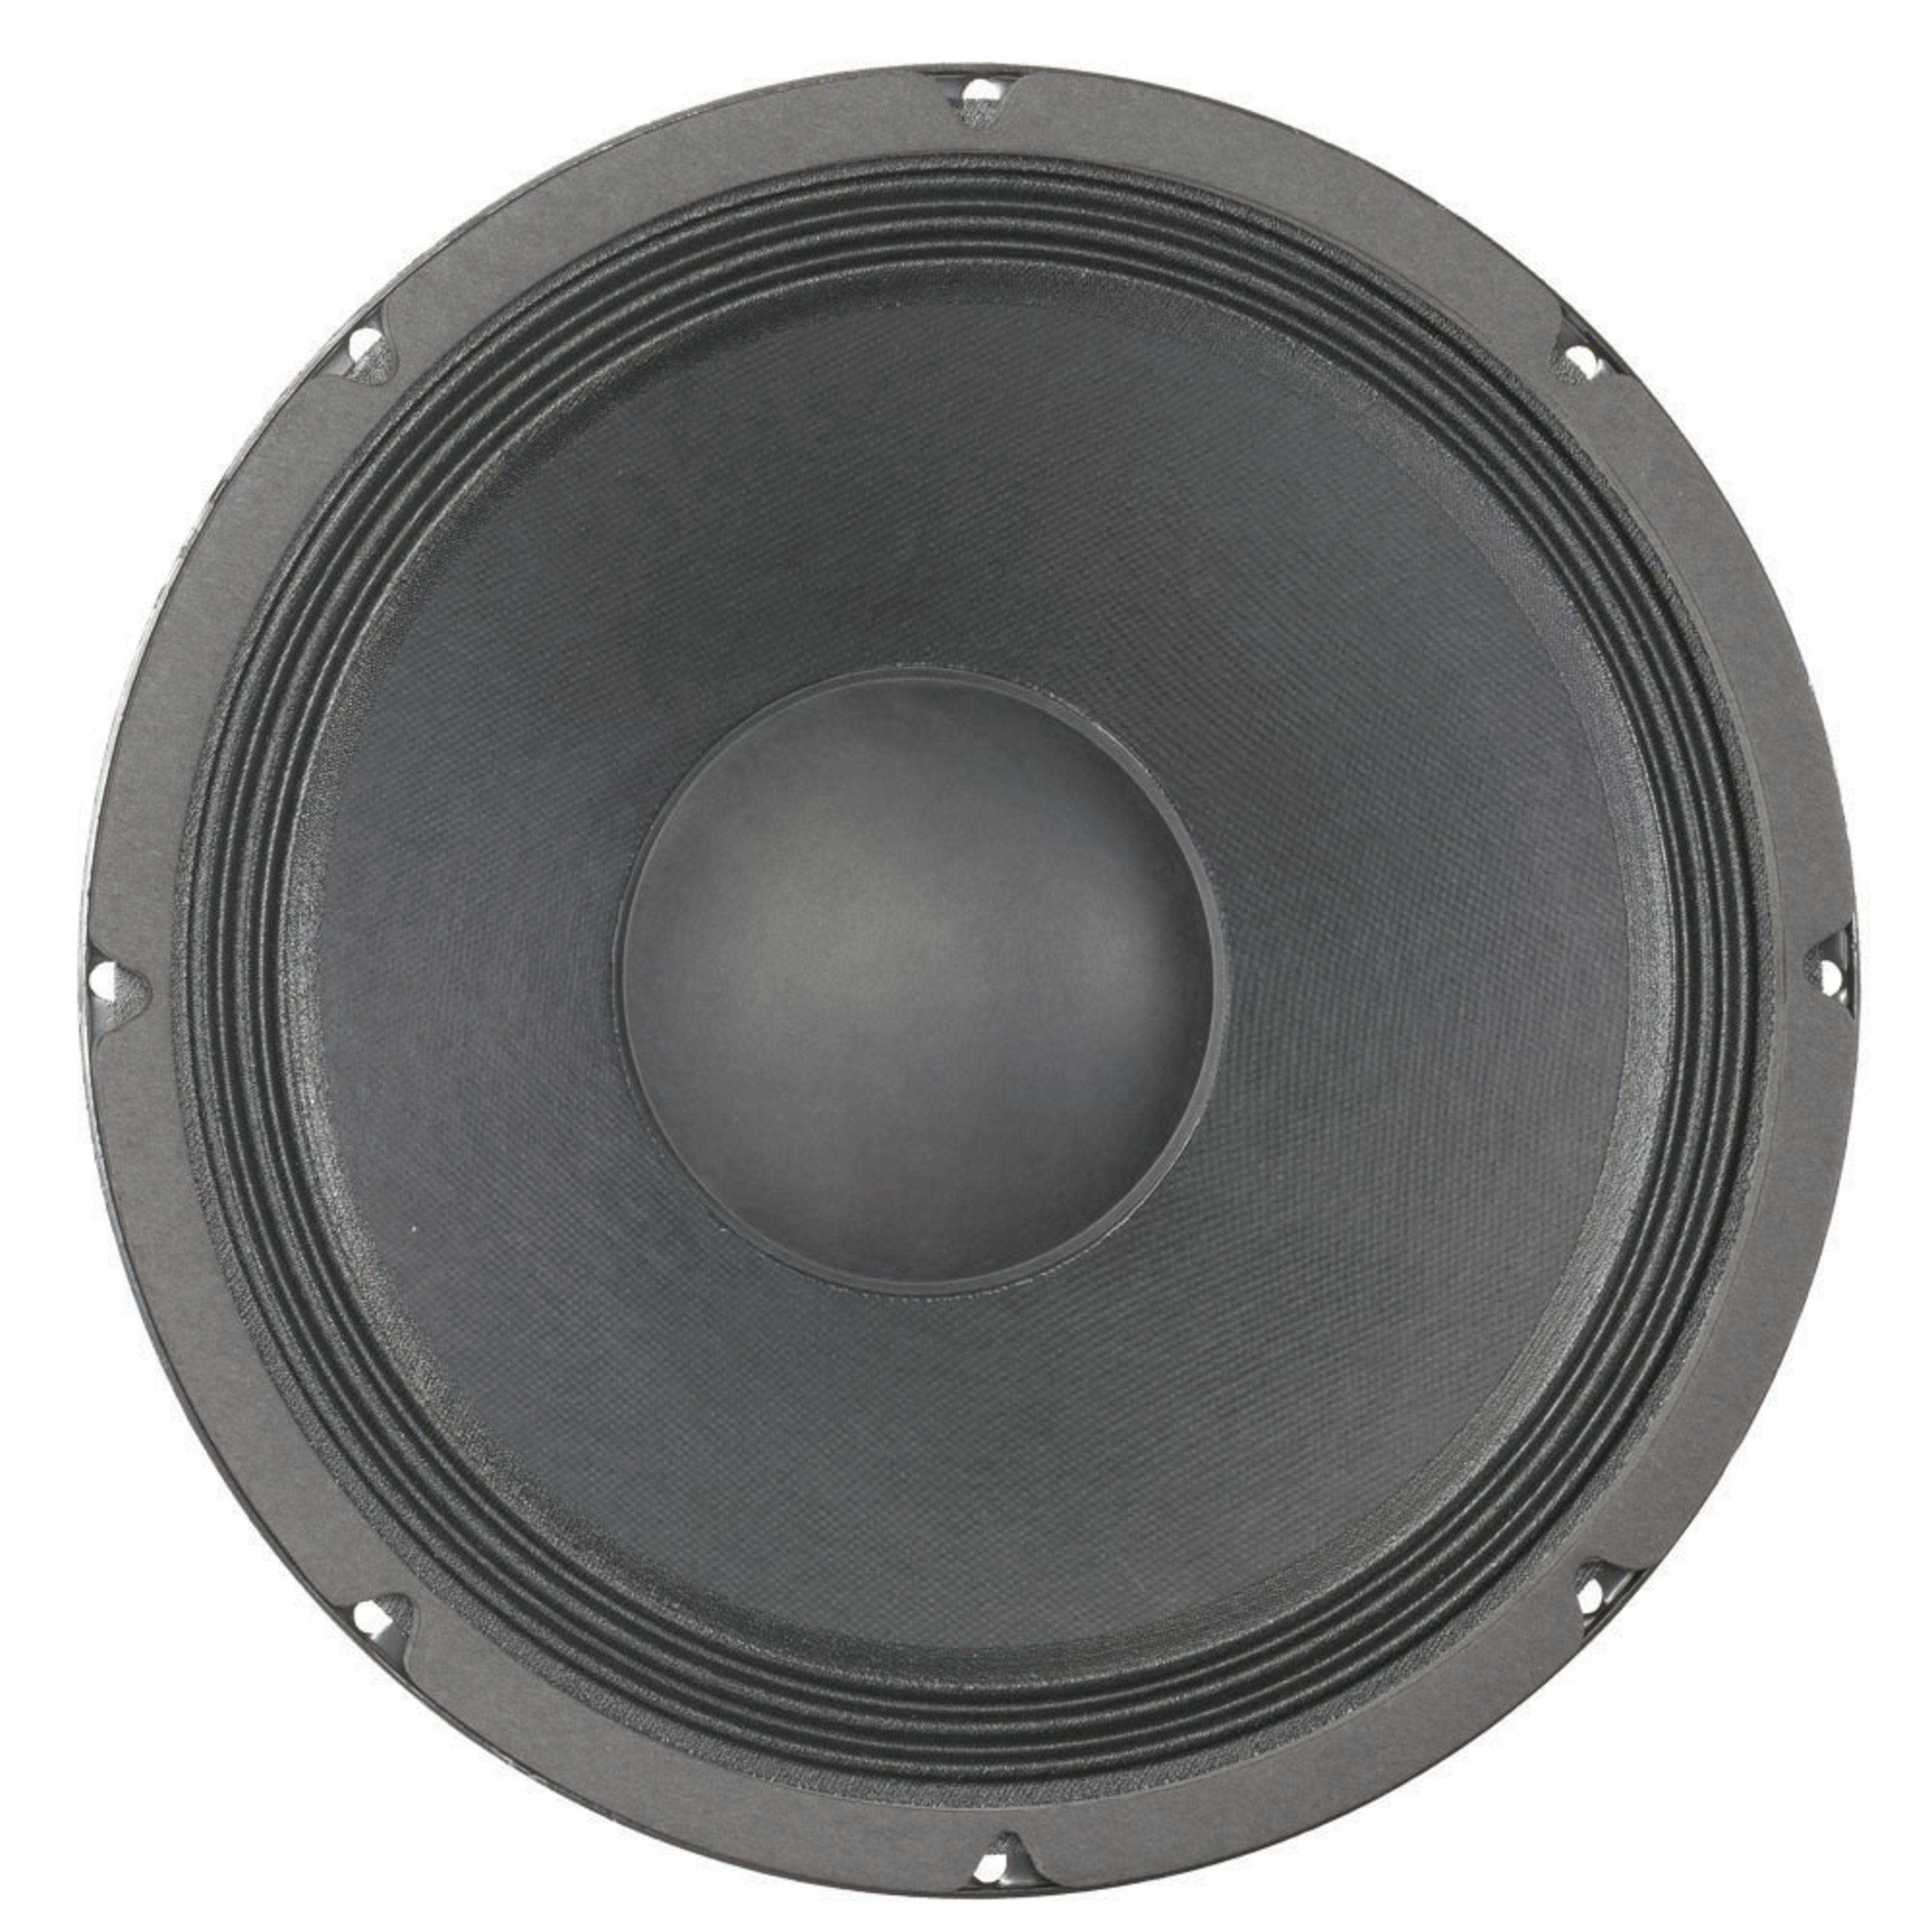 Eminence - Kappa 12A, 12 Lautsprecher 450Watt/8Ohm, 62 Hz - 4,2kHz EK12A